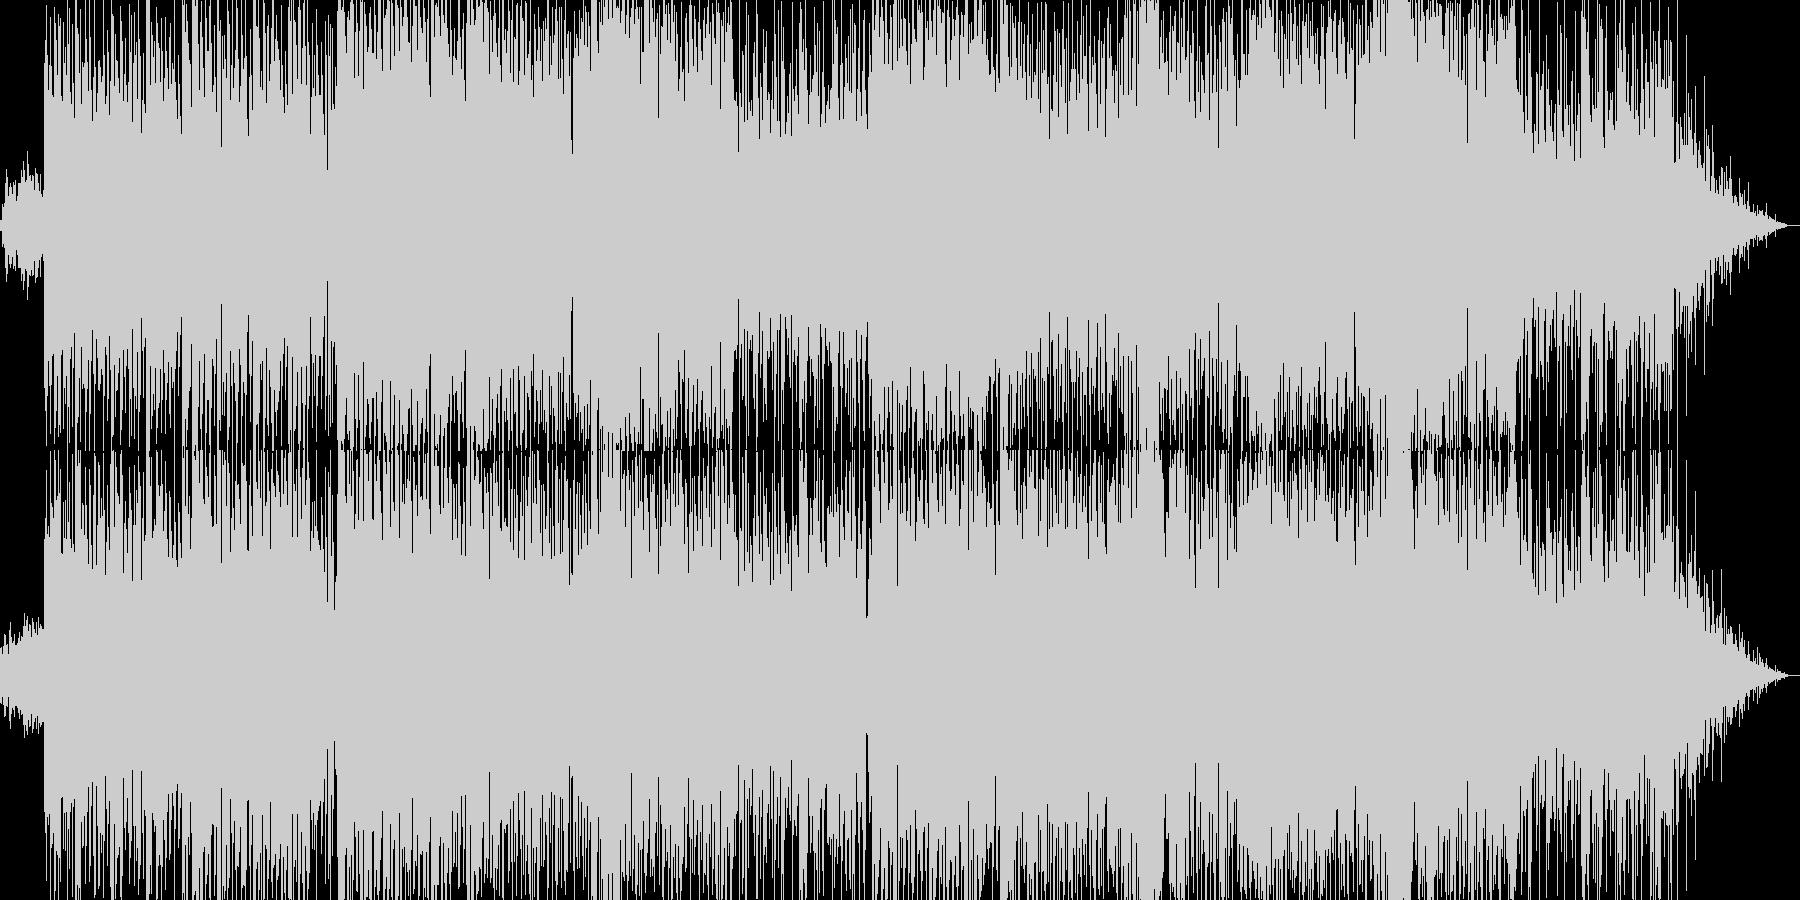 軽快なダンスフュージョンの未再生の波形